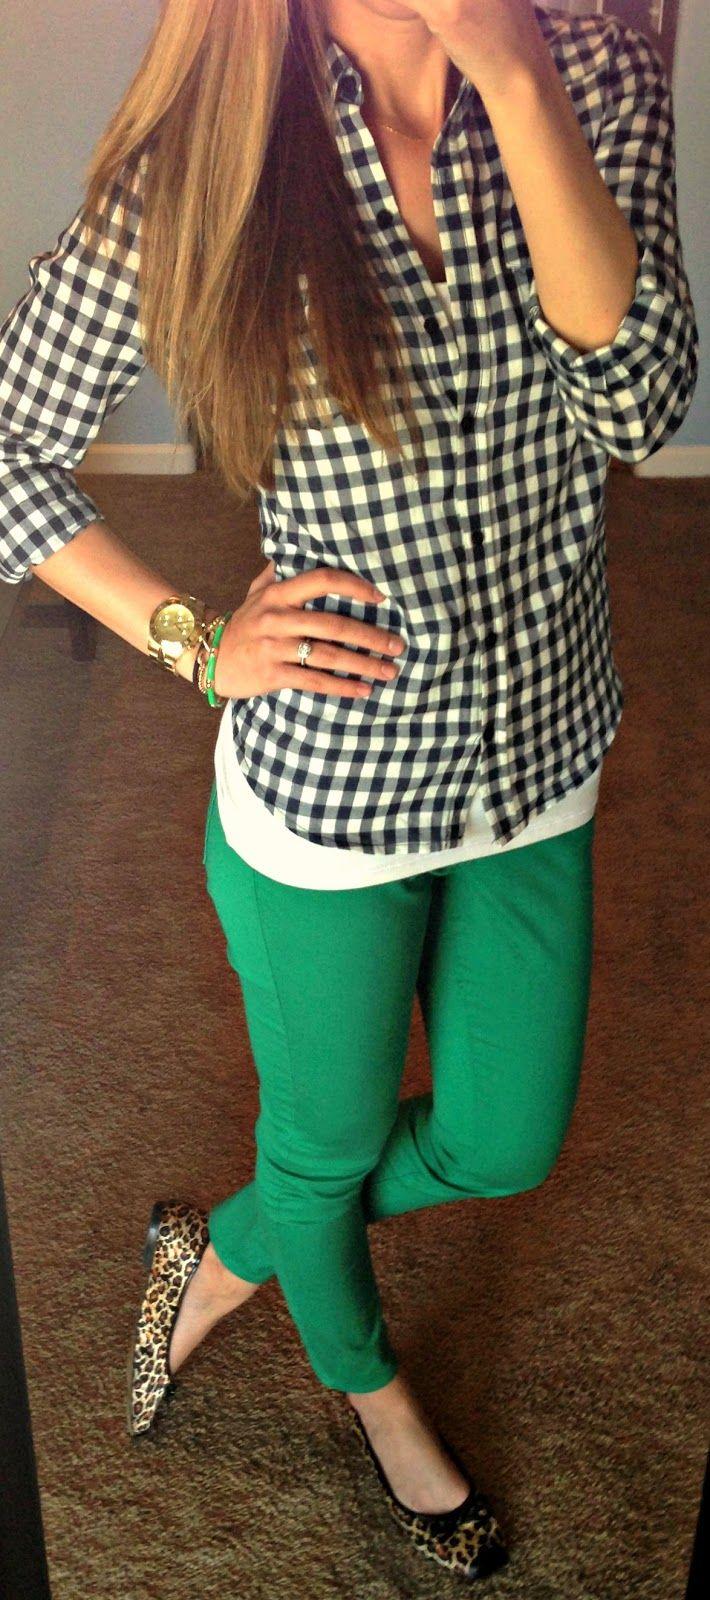 leopard print, green pants and blue gingham shirt #teaching_outfit #teacher #work_attire